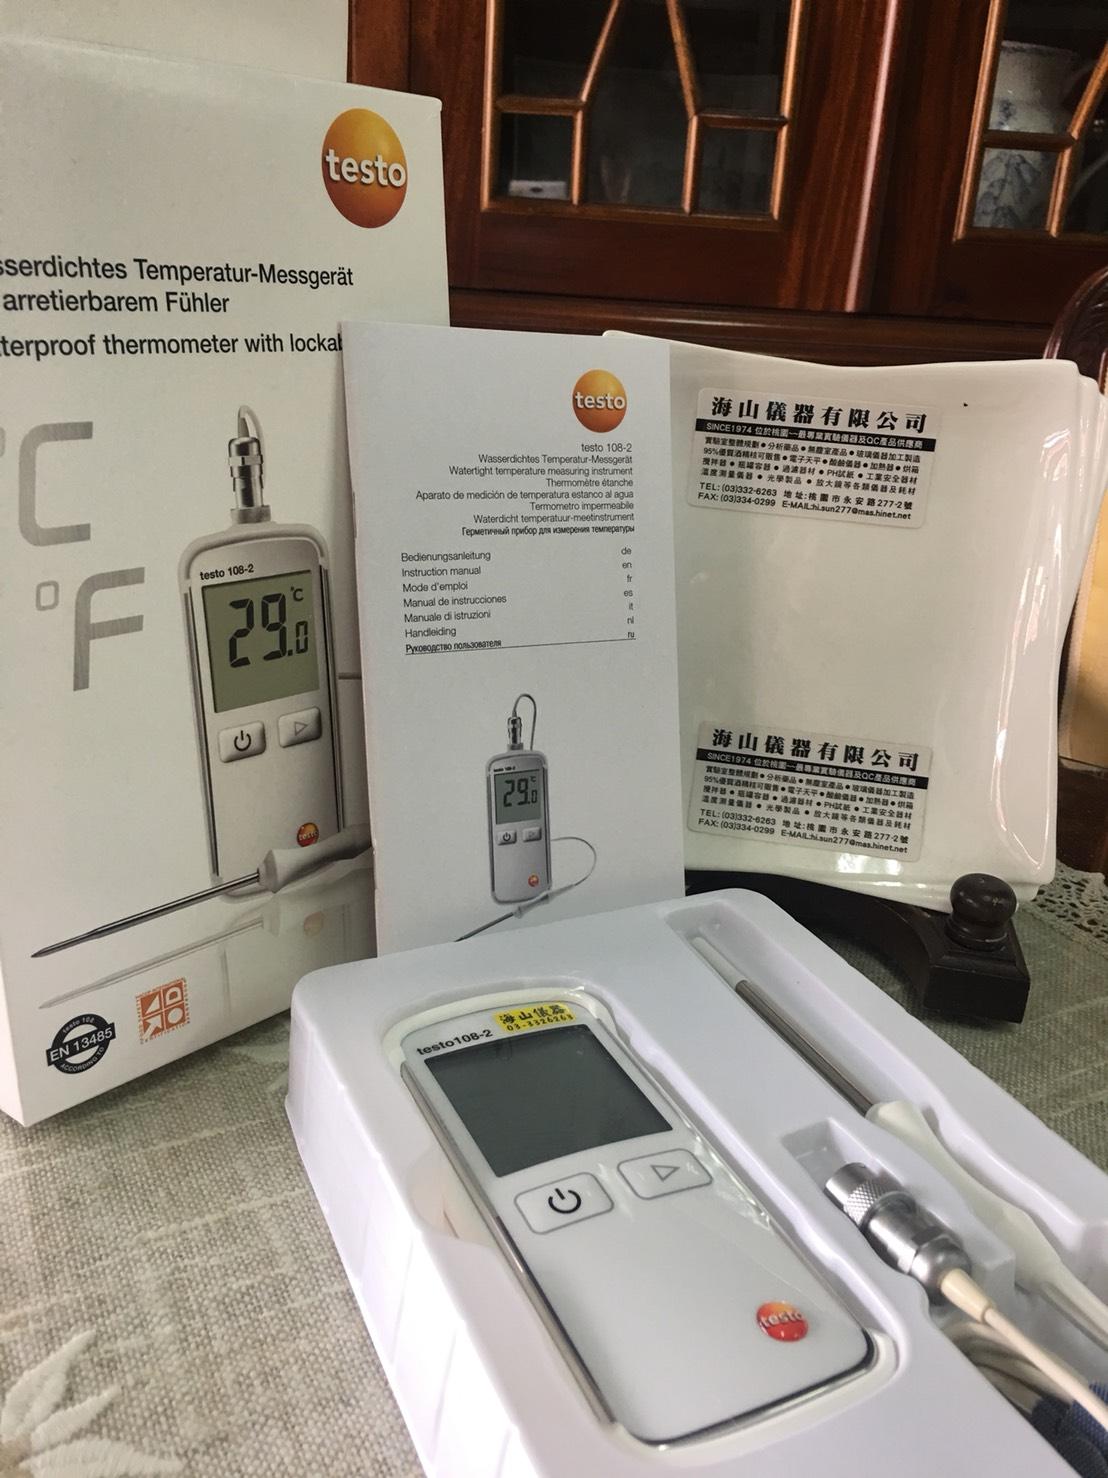 溫度計 防水食品-108 2 附原廠出廠報告  TESTO-海山儀器